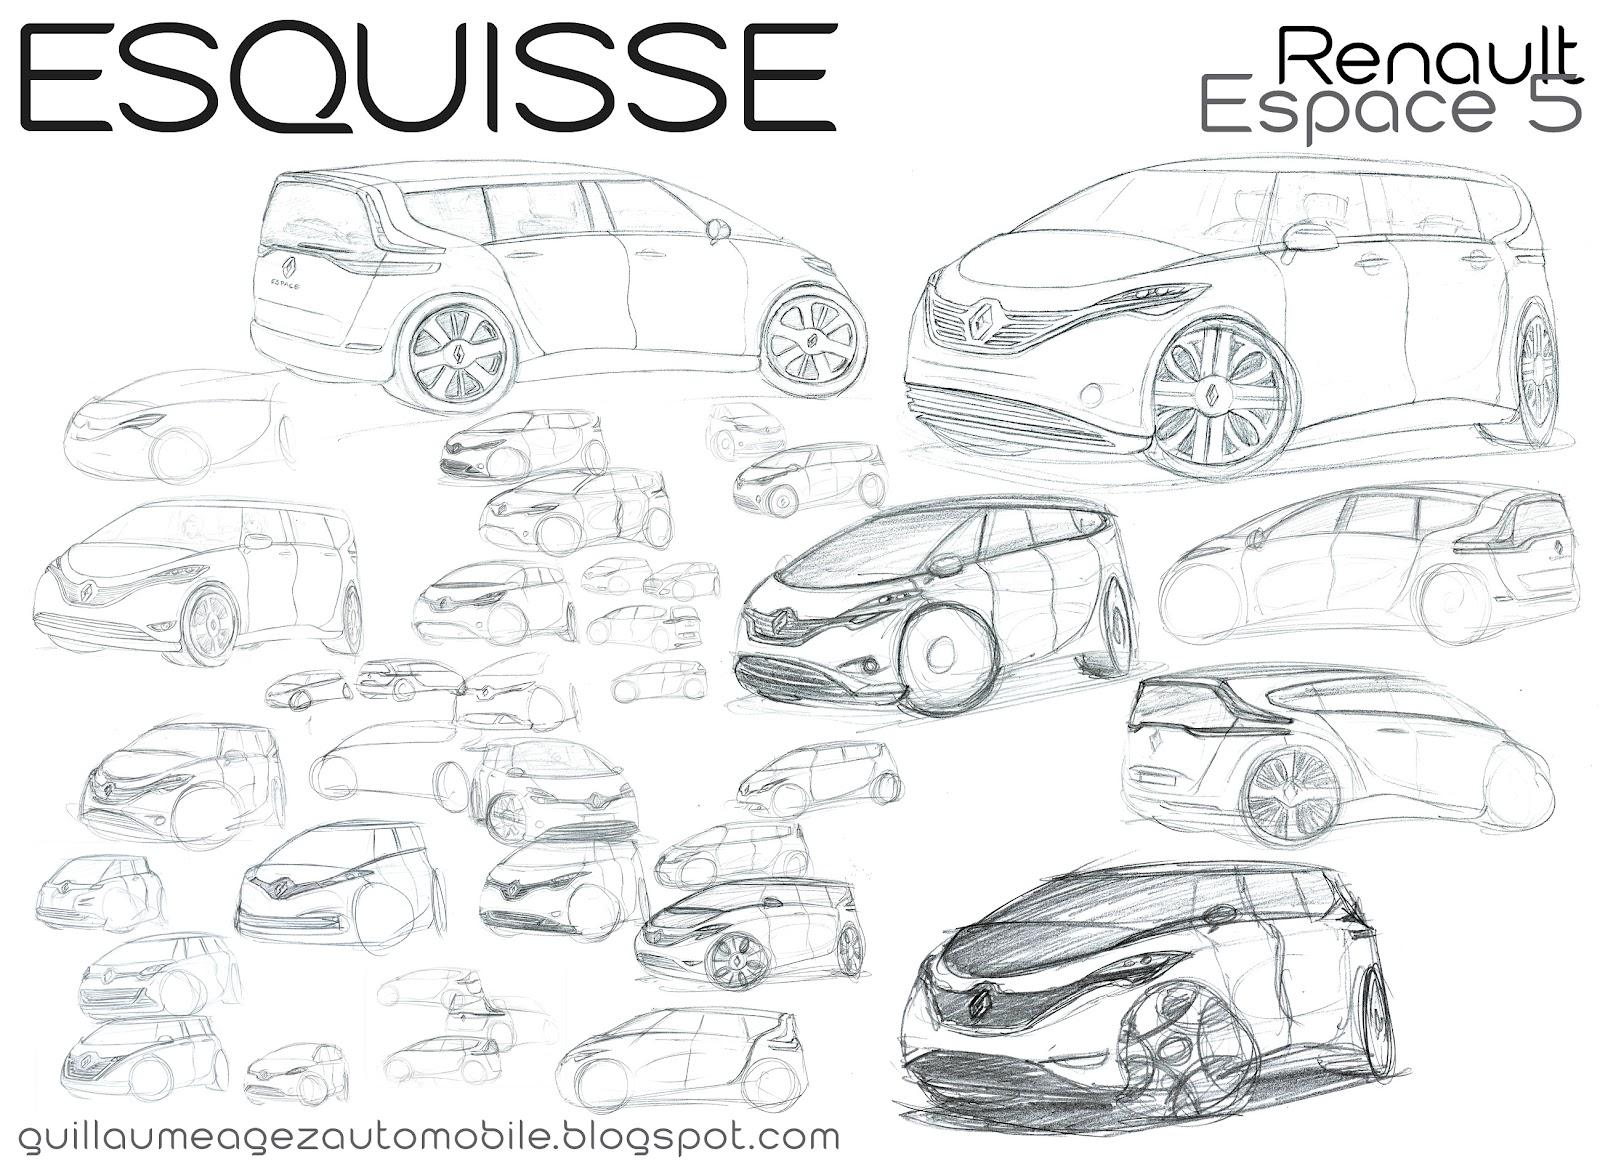 Guillaume AGEZ Automobile: Esquisse : Renault Espace 5